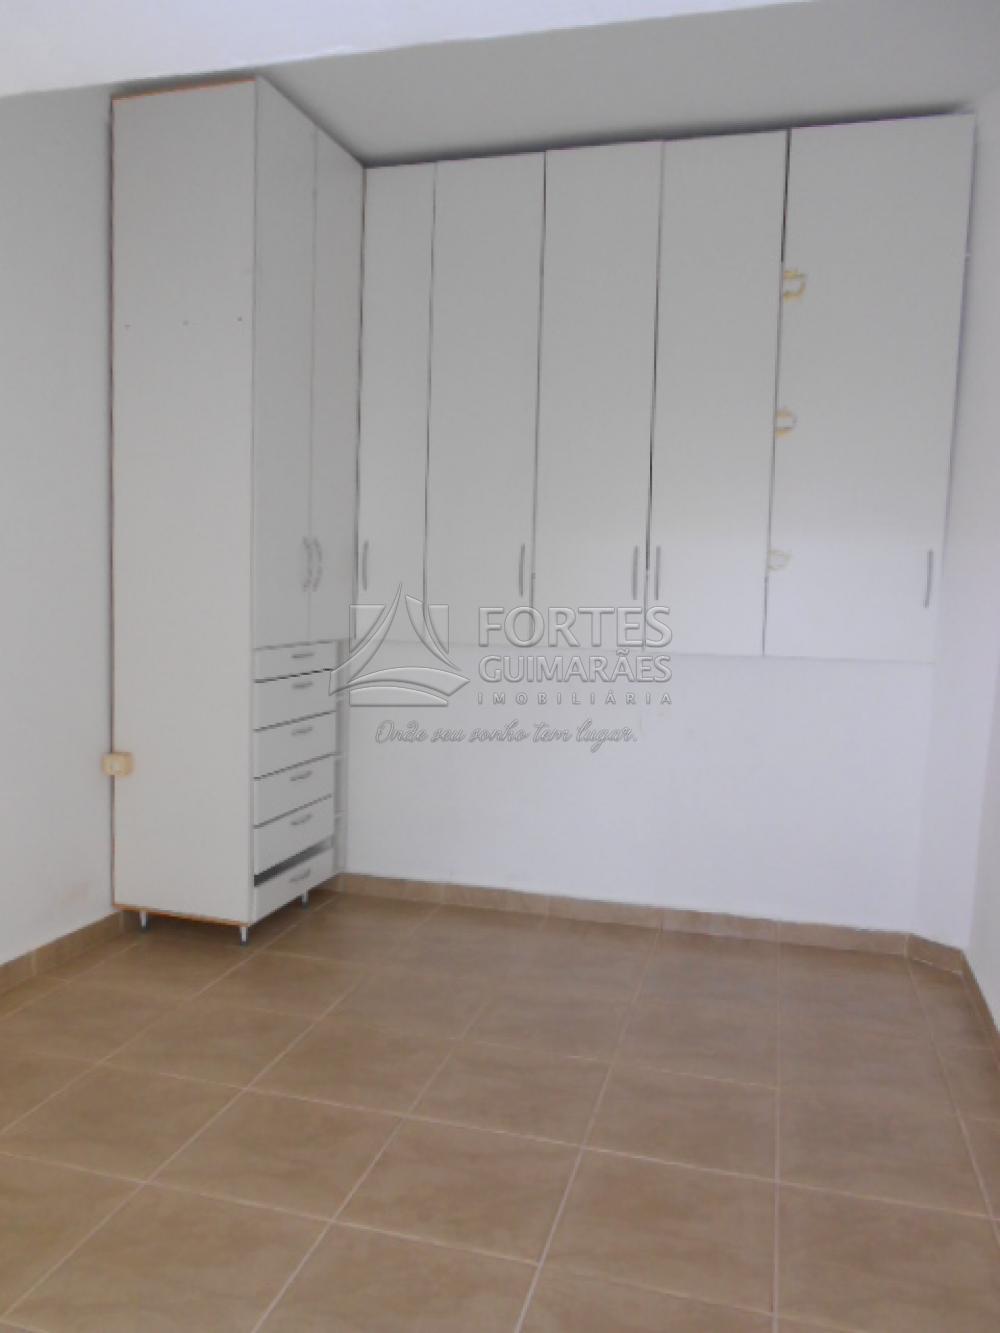 Alugar Casas / Padrão em Ribeirão Preto apenas R$ 3.500,00 - Foto 77